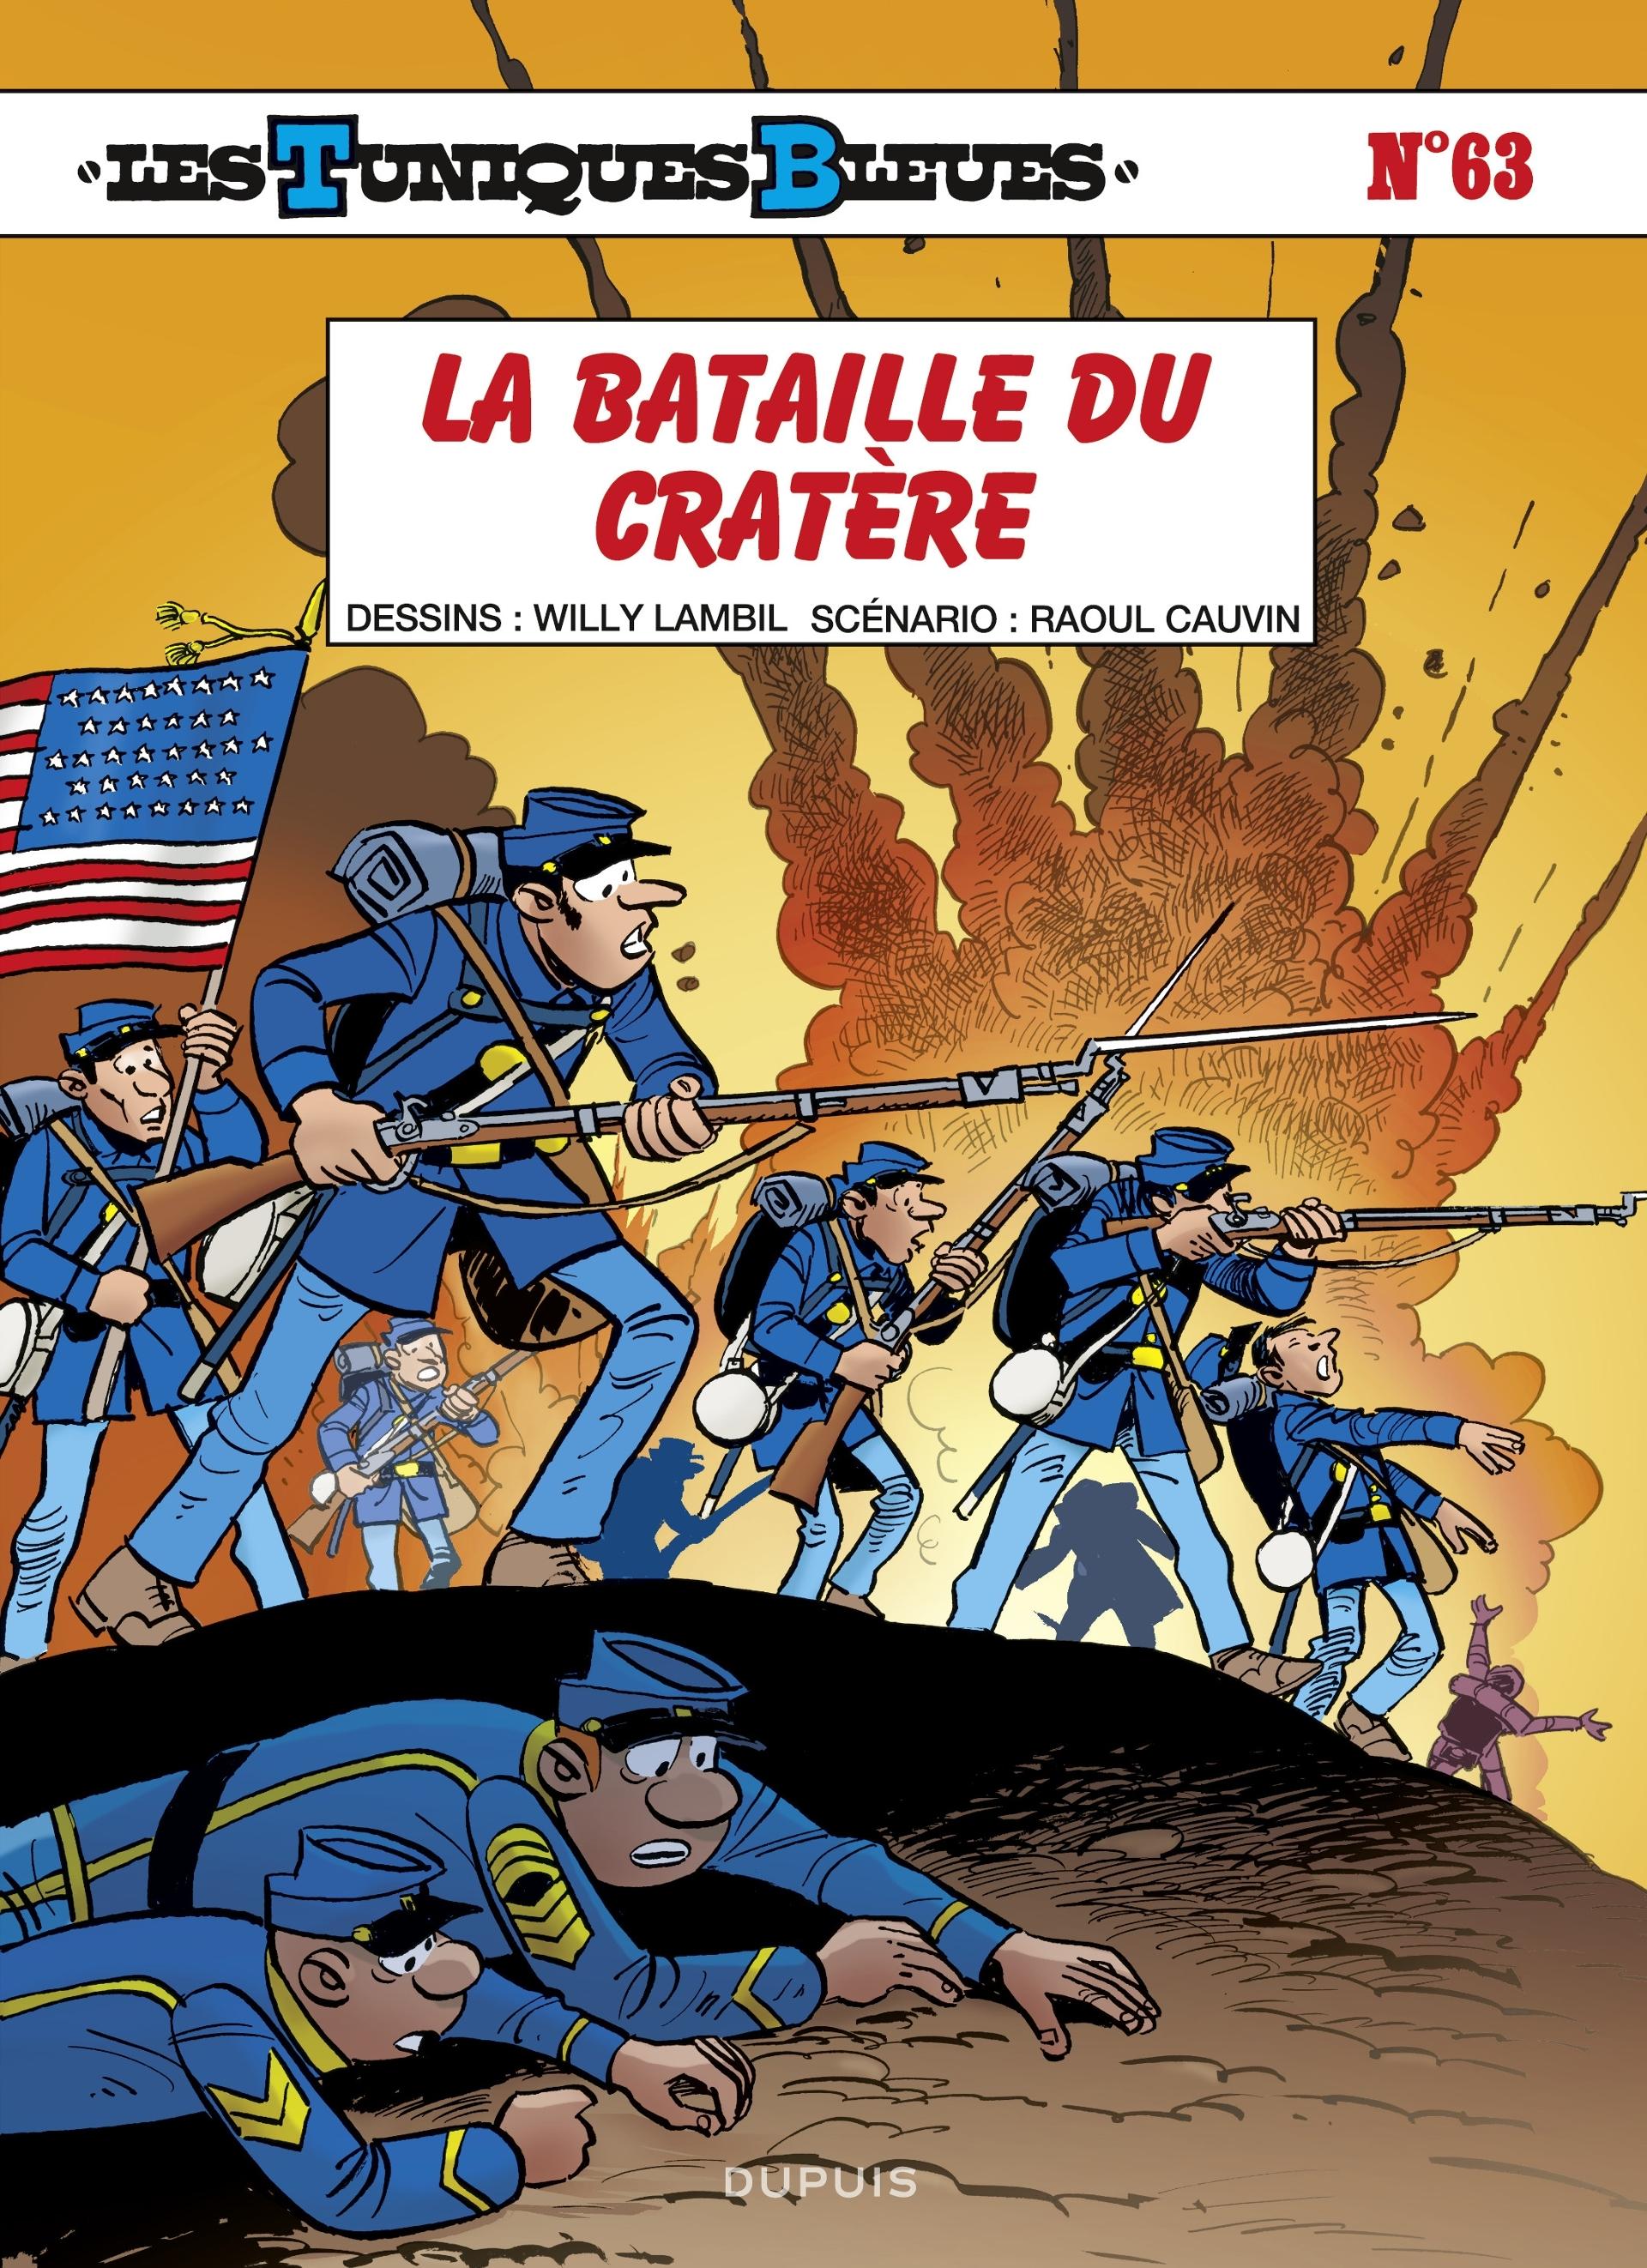 Les tuniques bleues 63 - La bataille du cratère